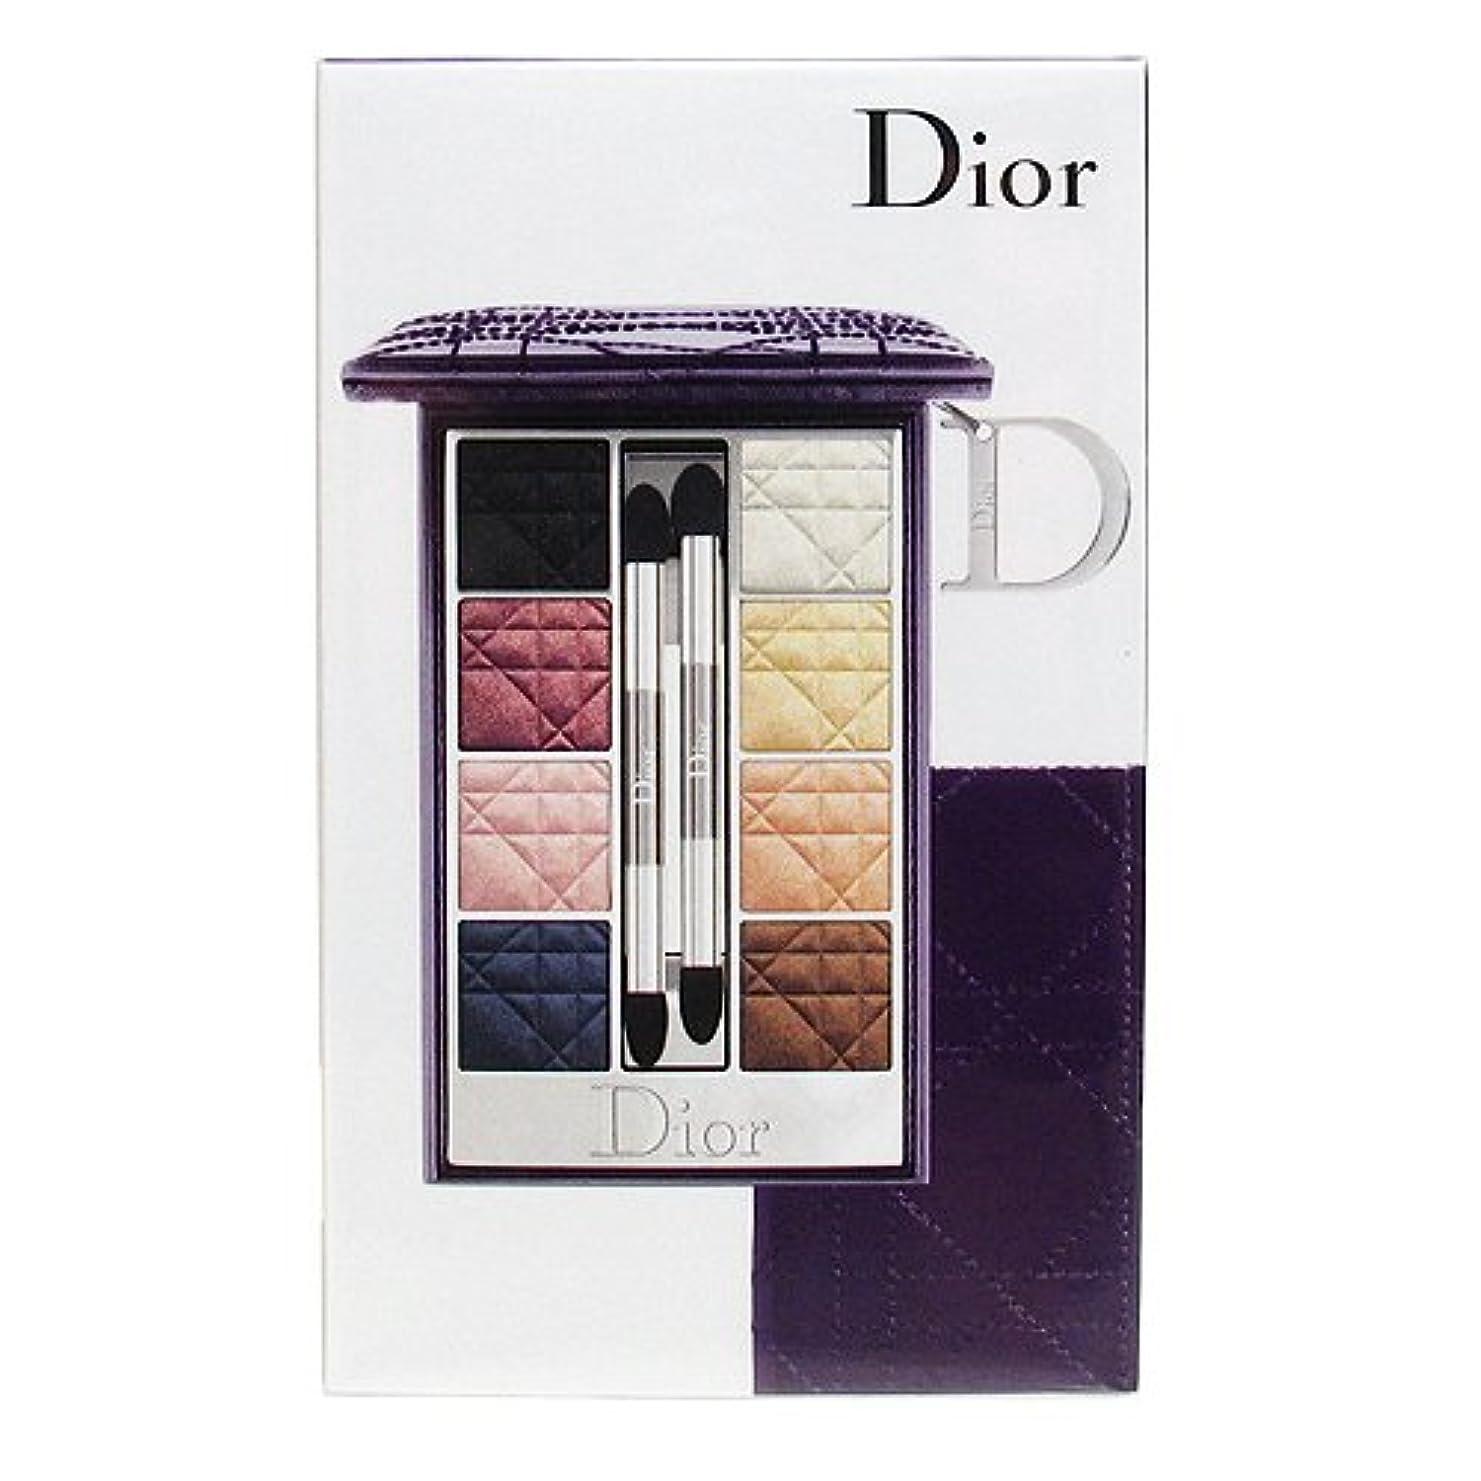 デッキ誰が意図するクリスチャン ディオール カナージュコレクション アイパレット Christian Dior